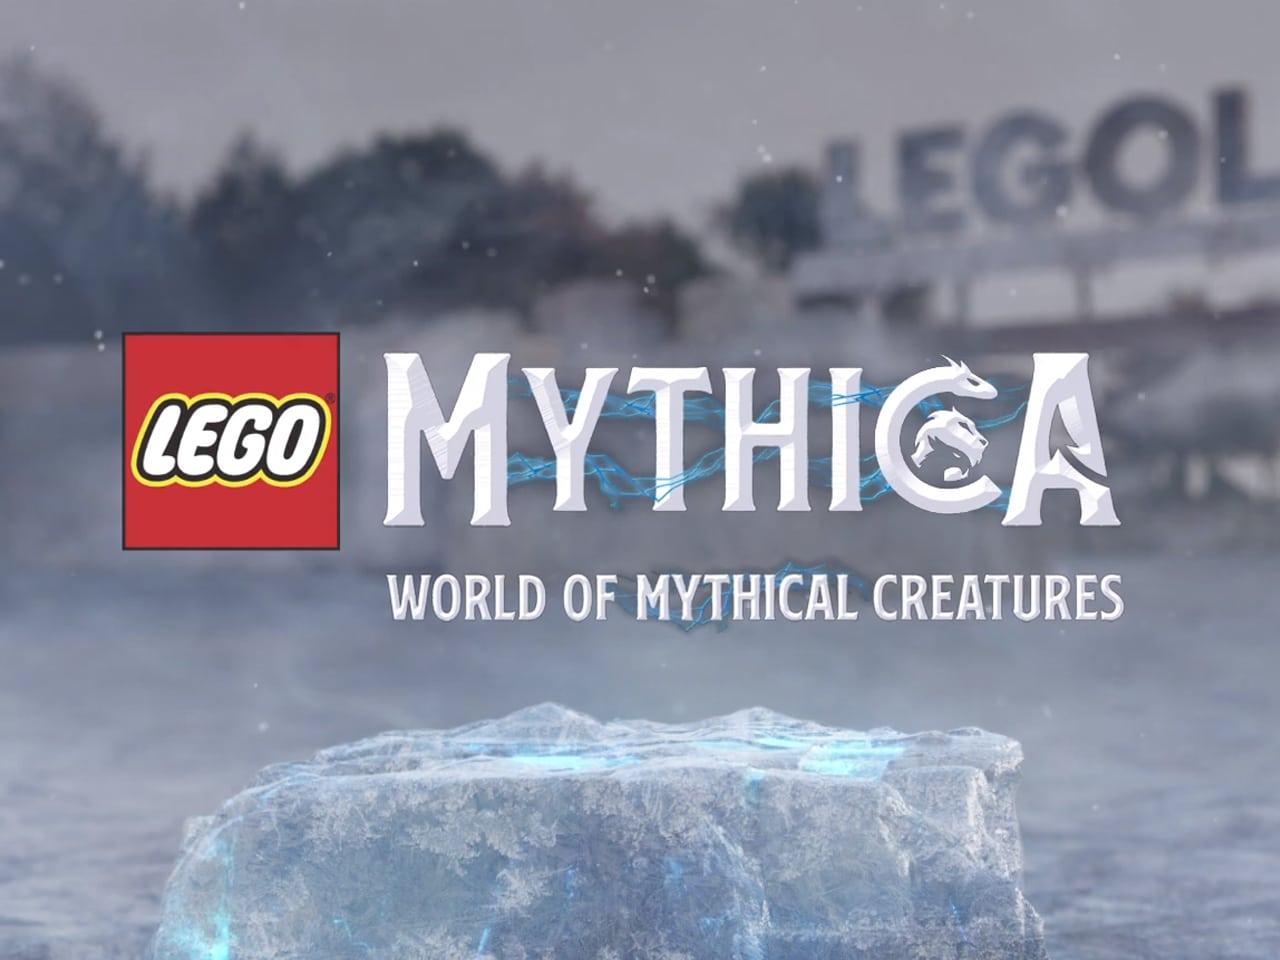 LEGO Windsor Mythica Titel